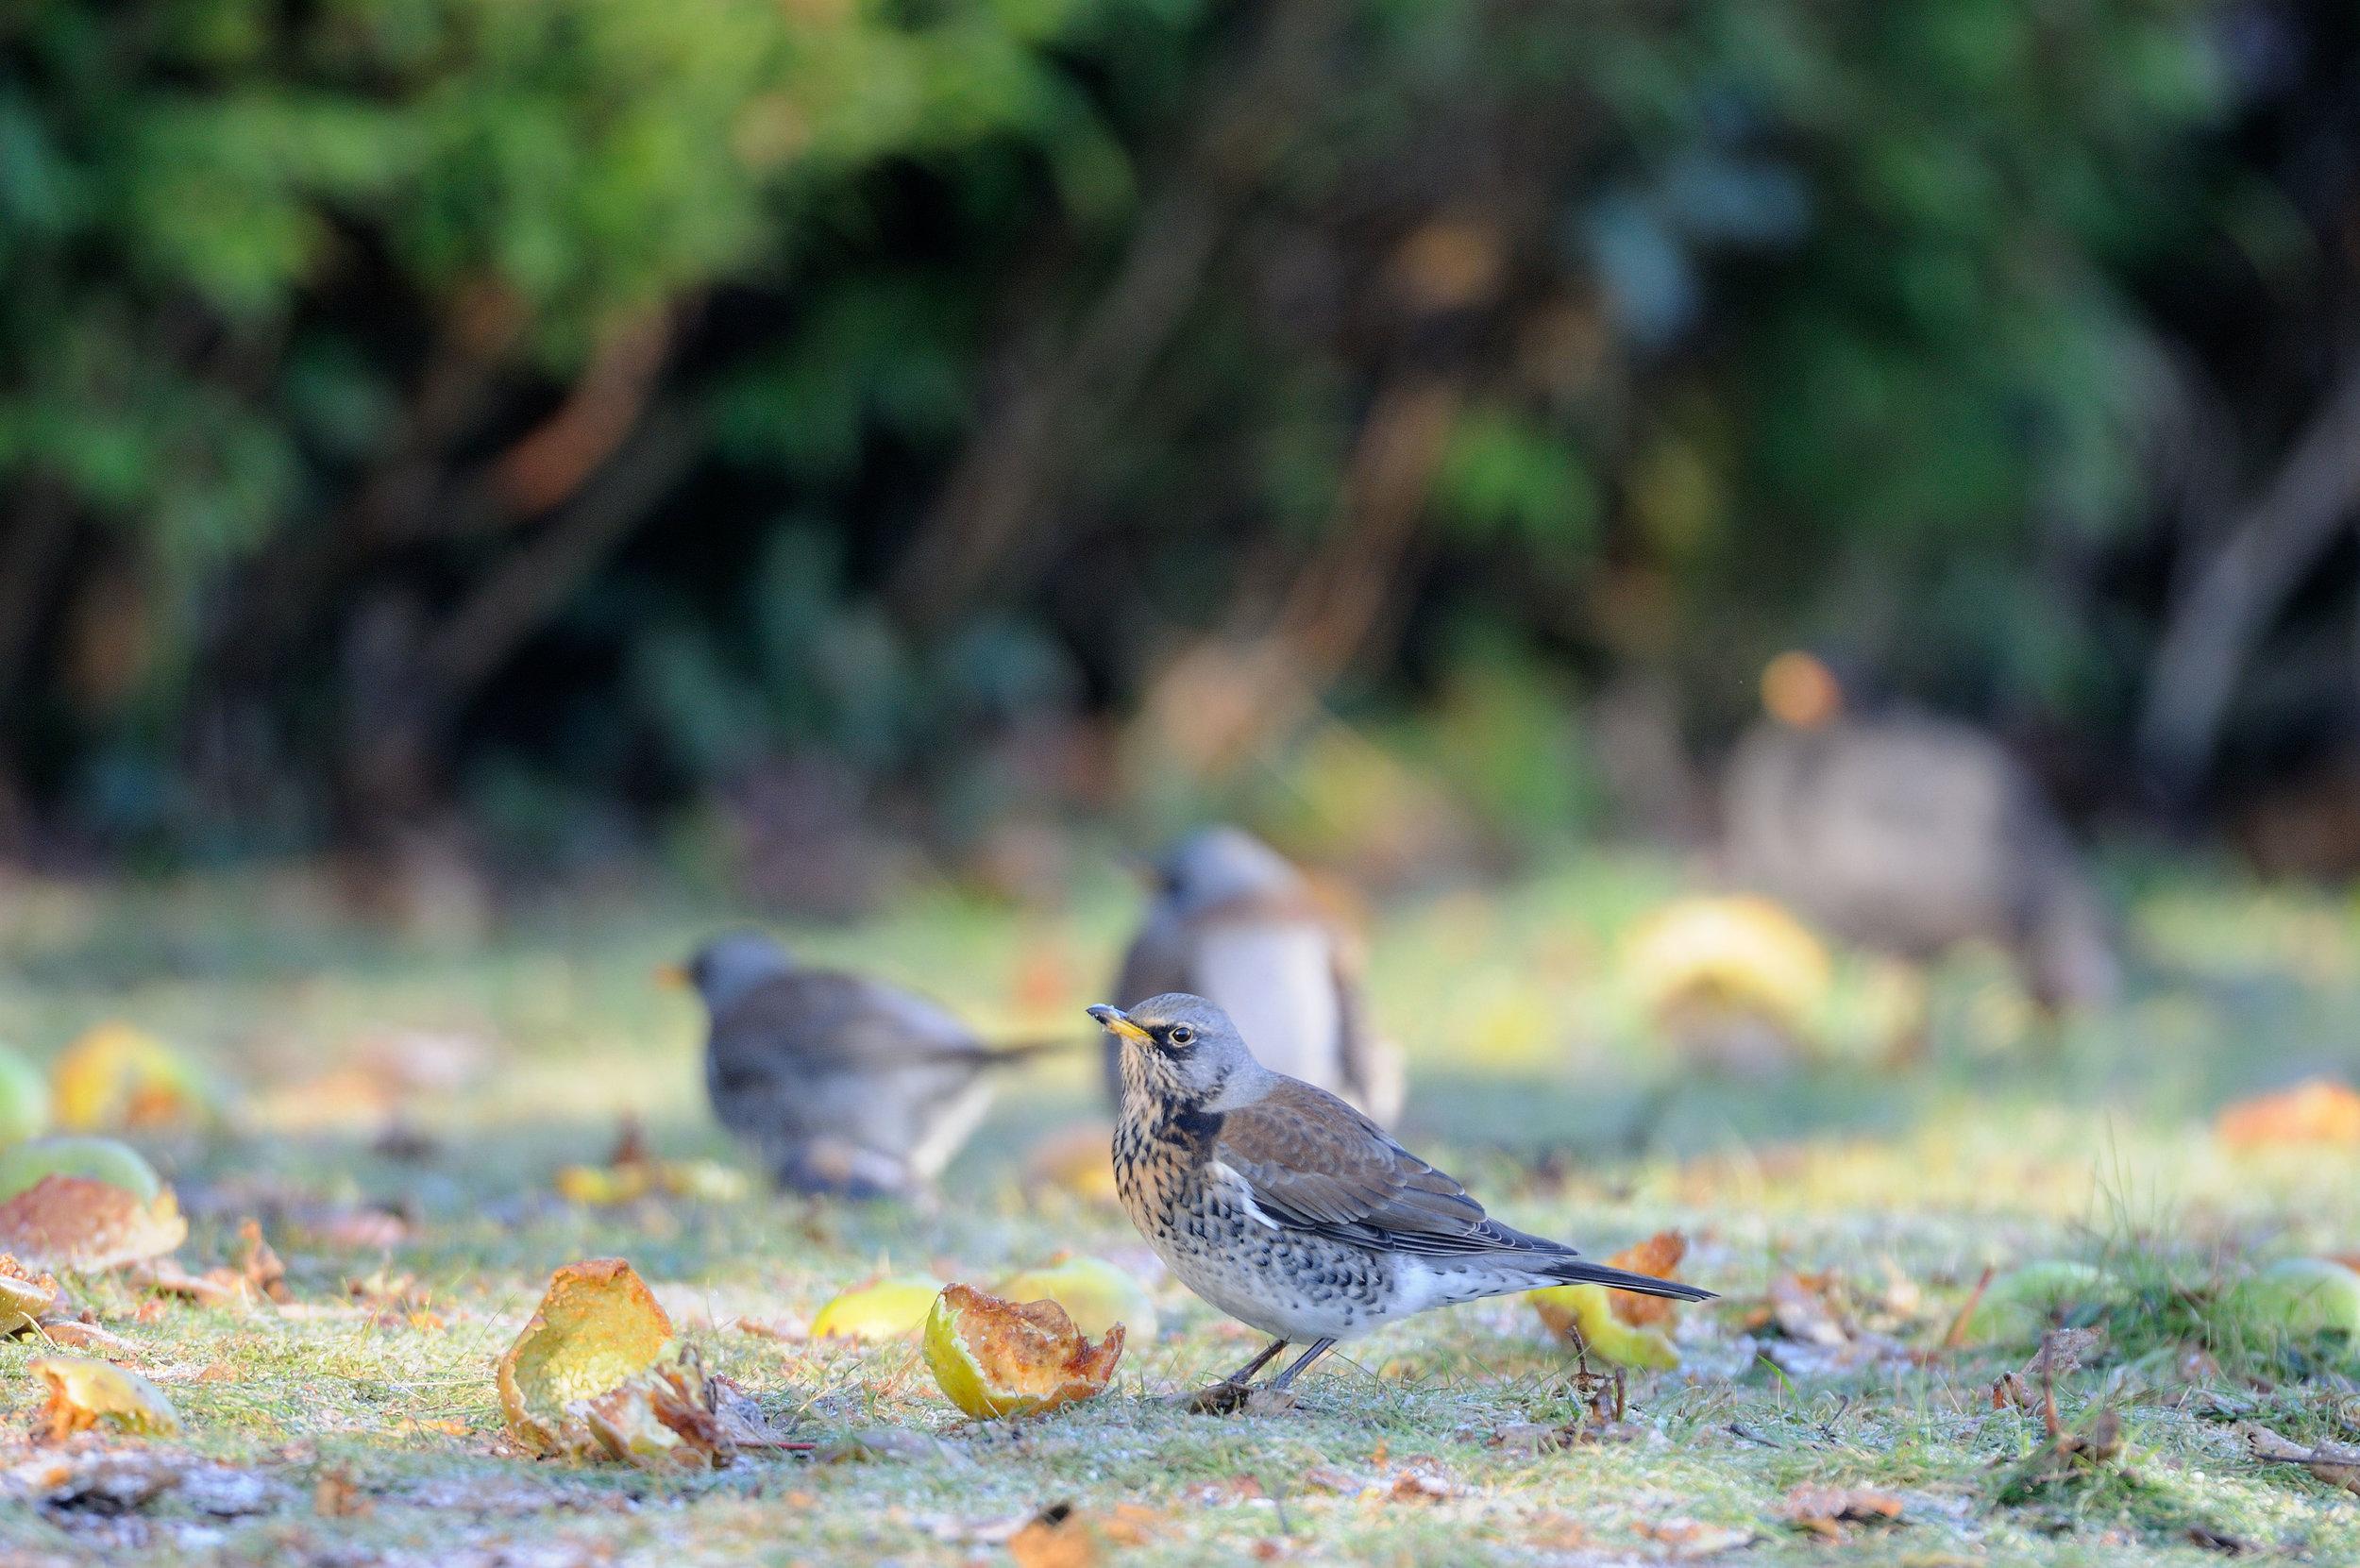 Fieldfares feeding on fallen apples